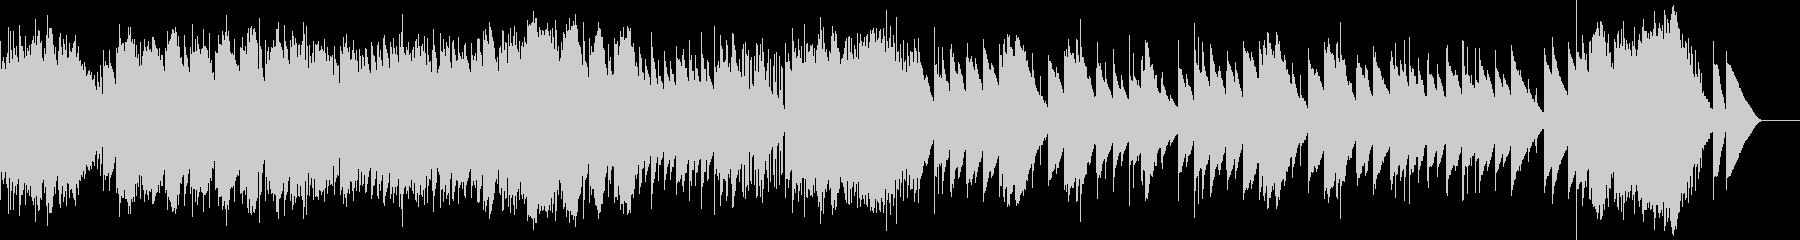 卒業式 威風堂々 エルガー(オルゴール)の未再生の波形